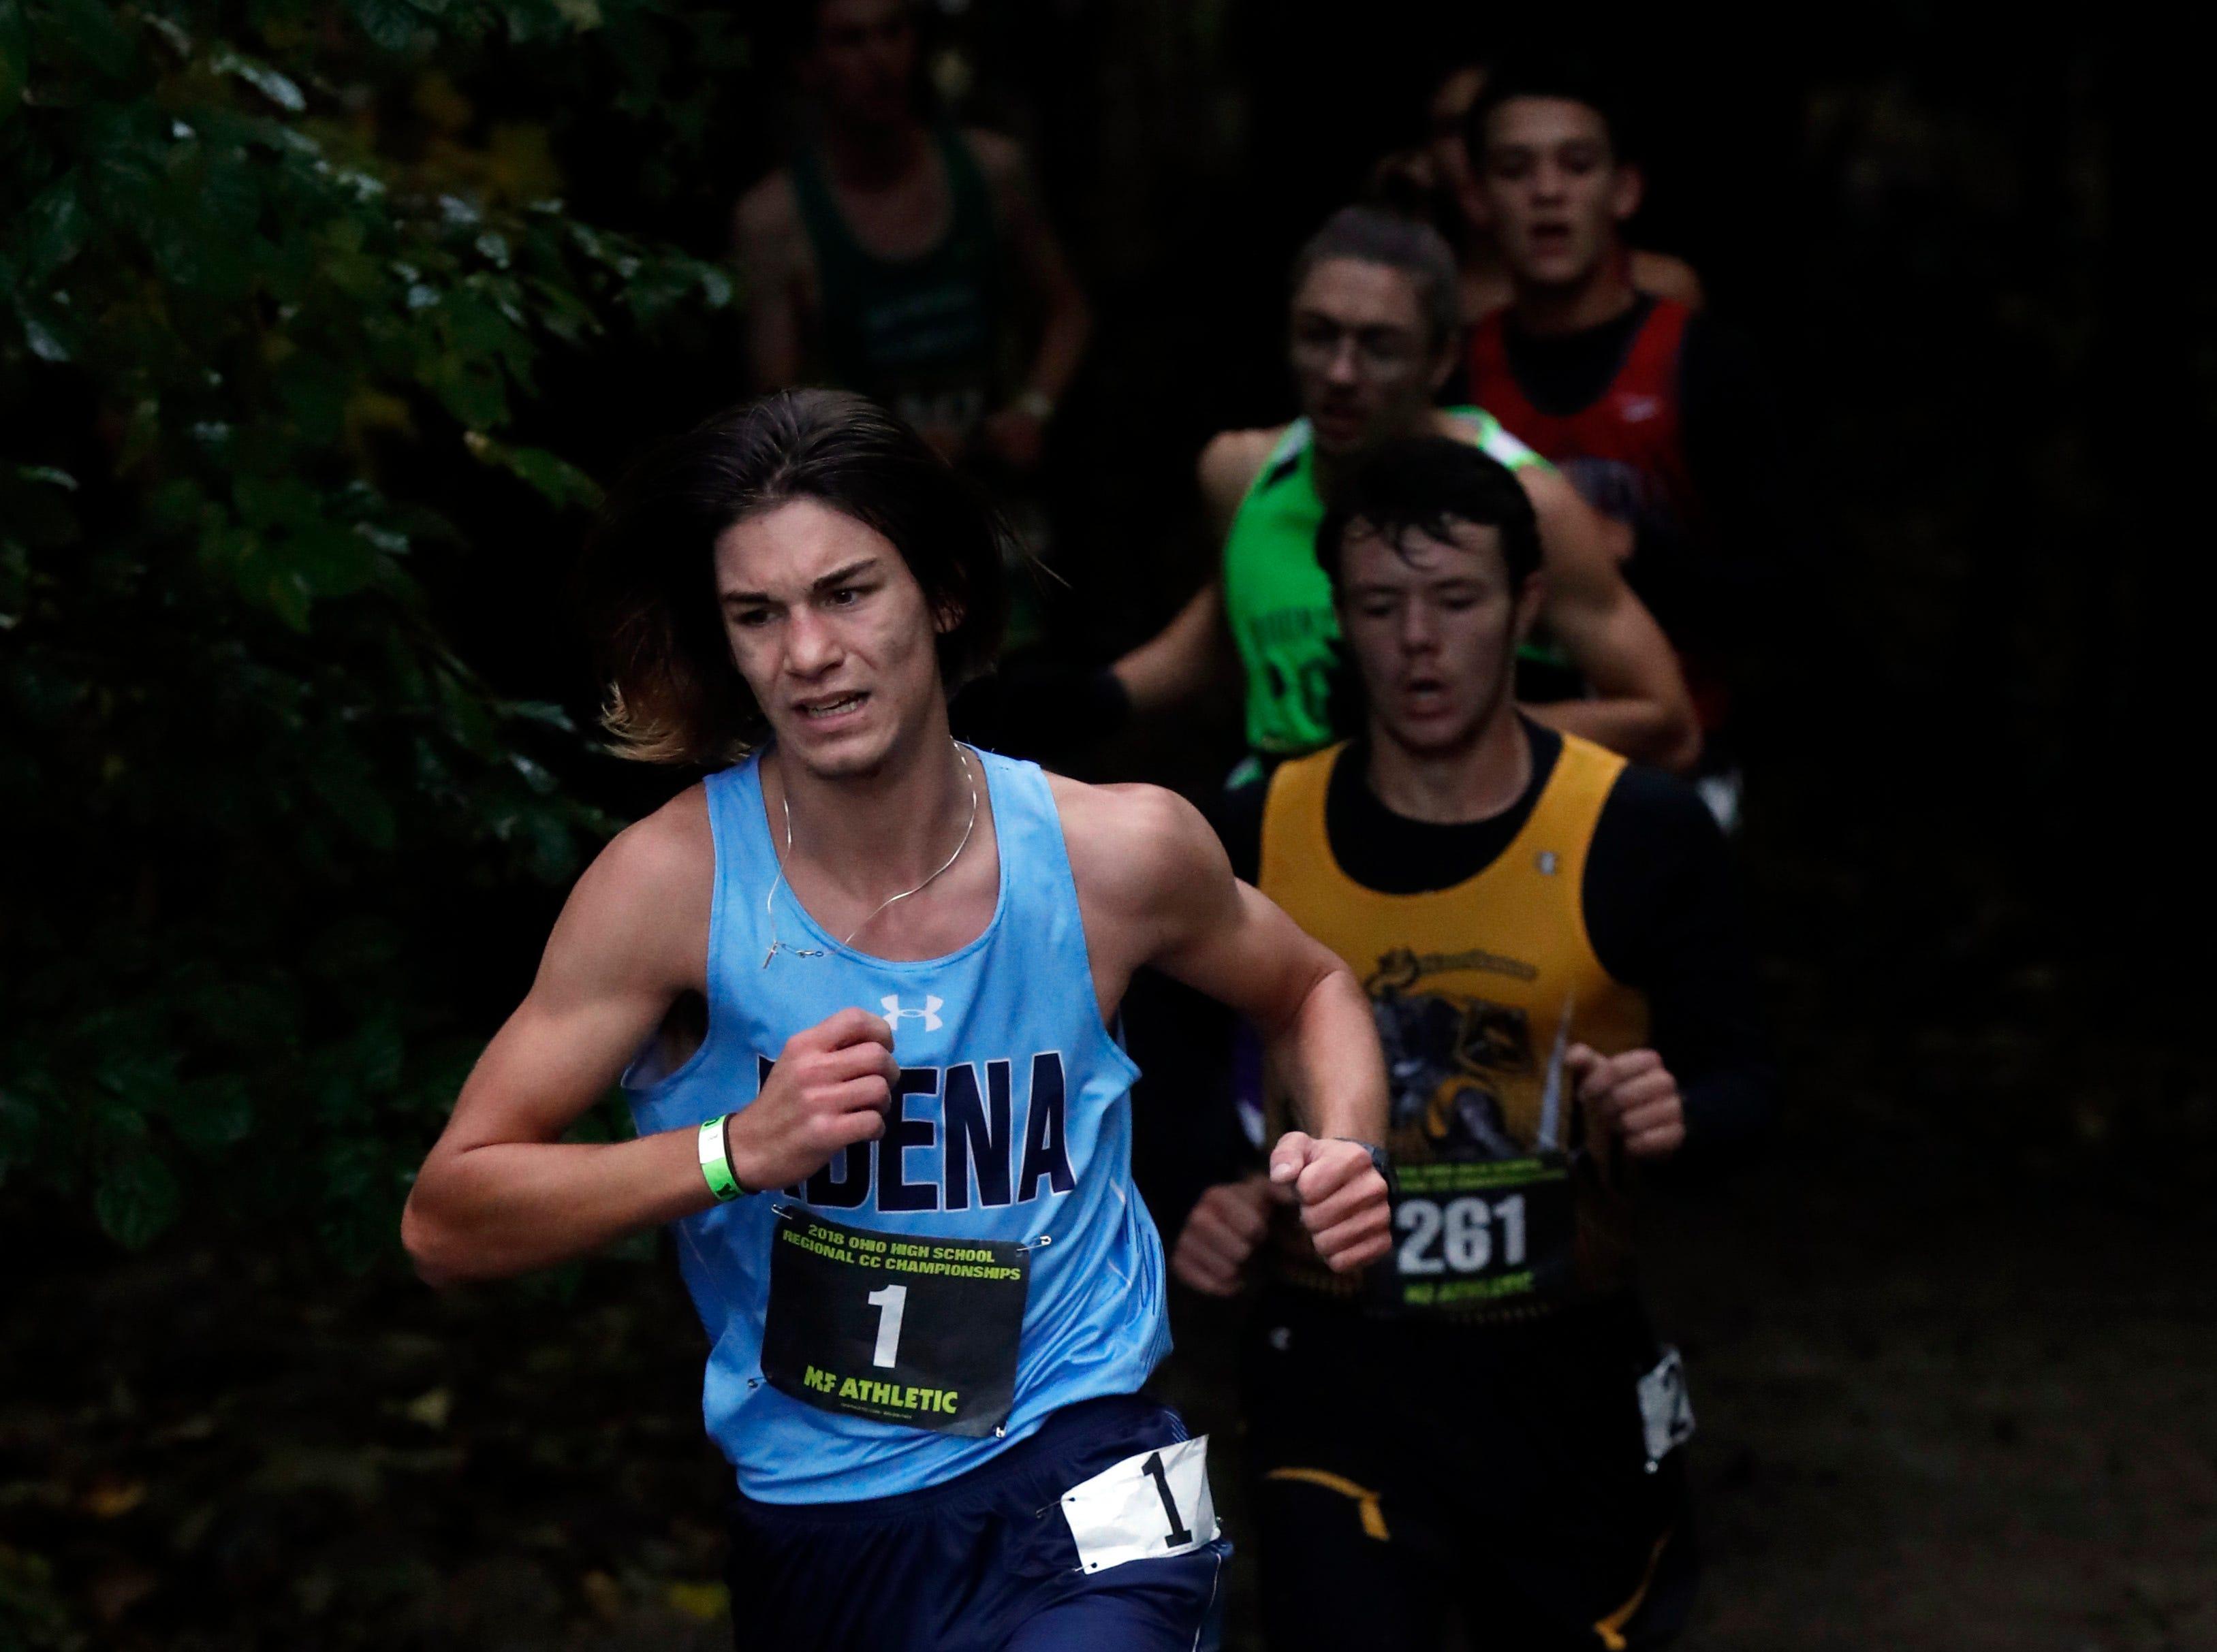 Adena's Emmitt Cunningham runs in the Regional Cross Country meet Saturday, Oct. 27, 2018, at Pickerington North High School in Pickerington.